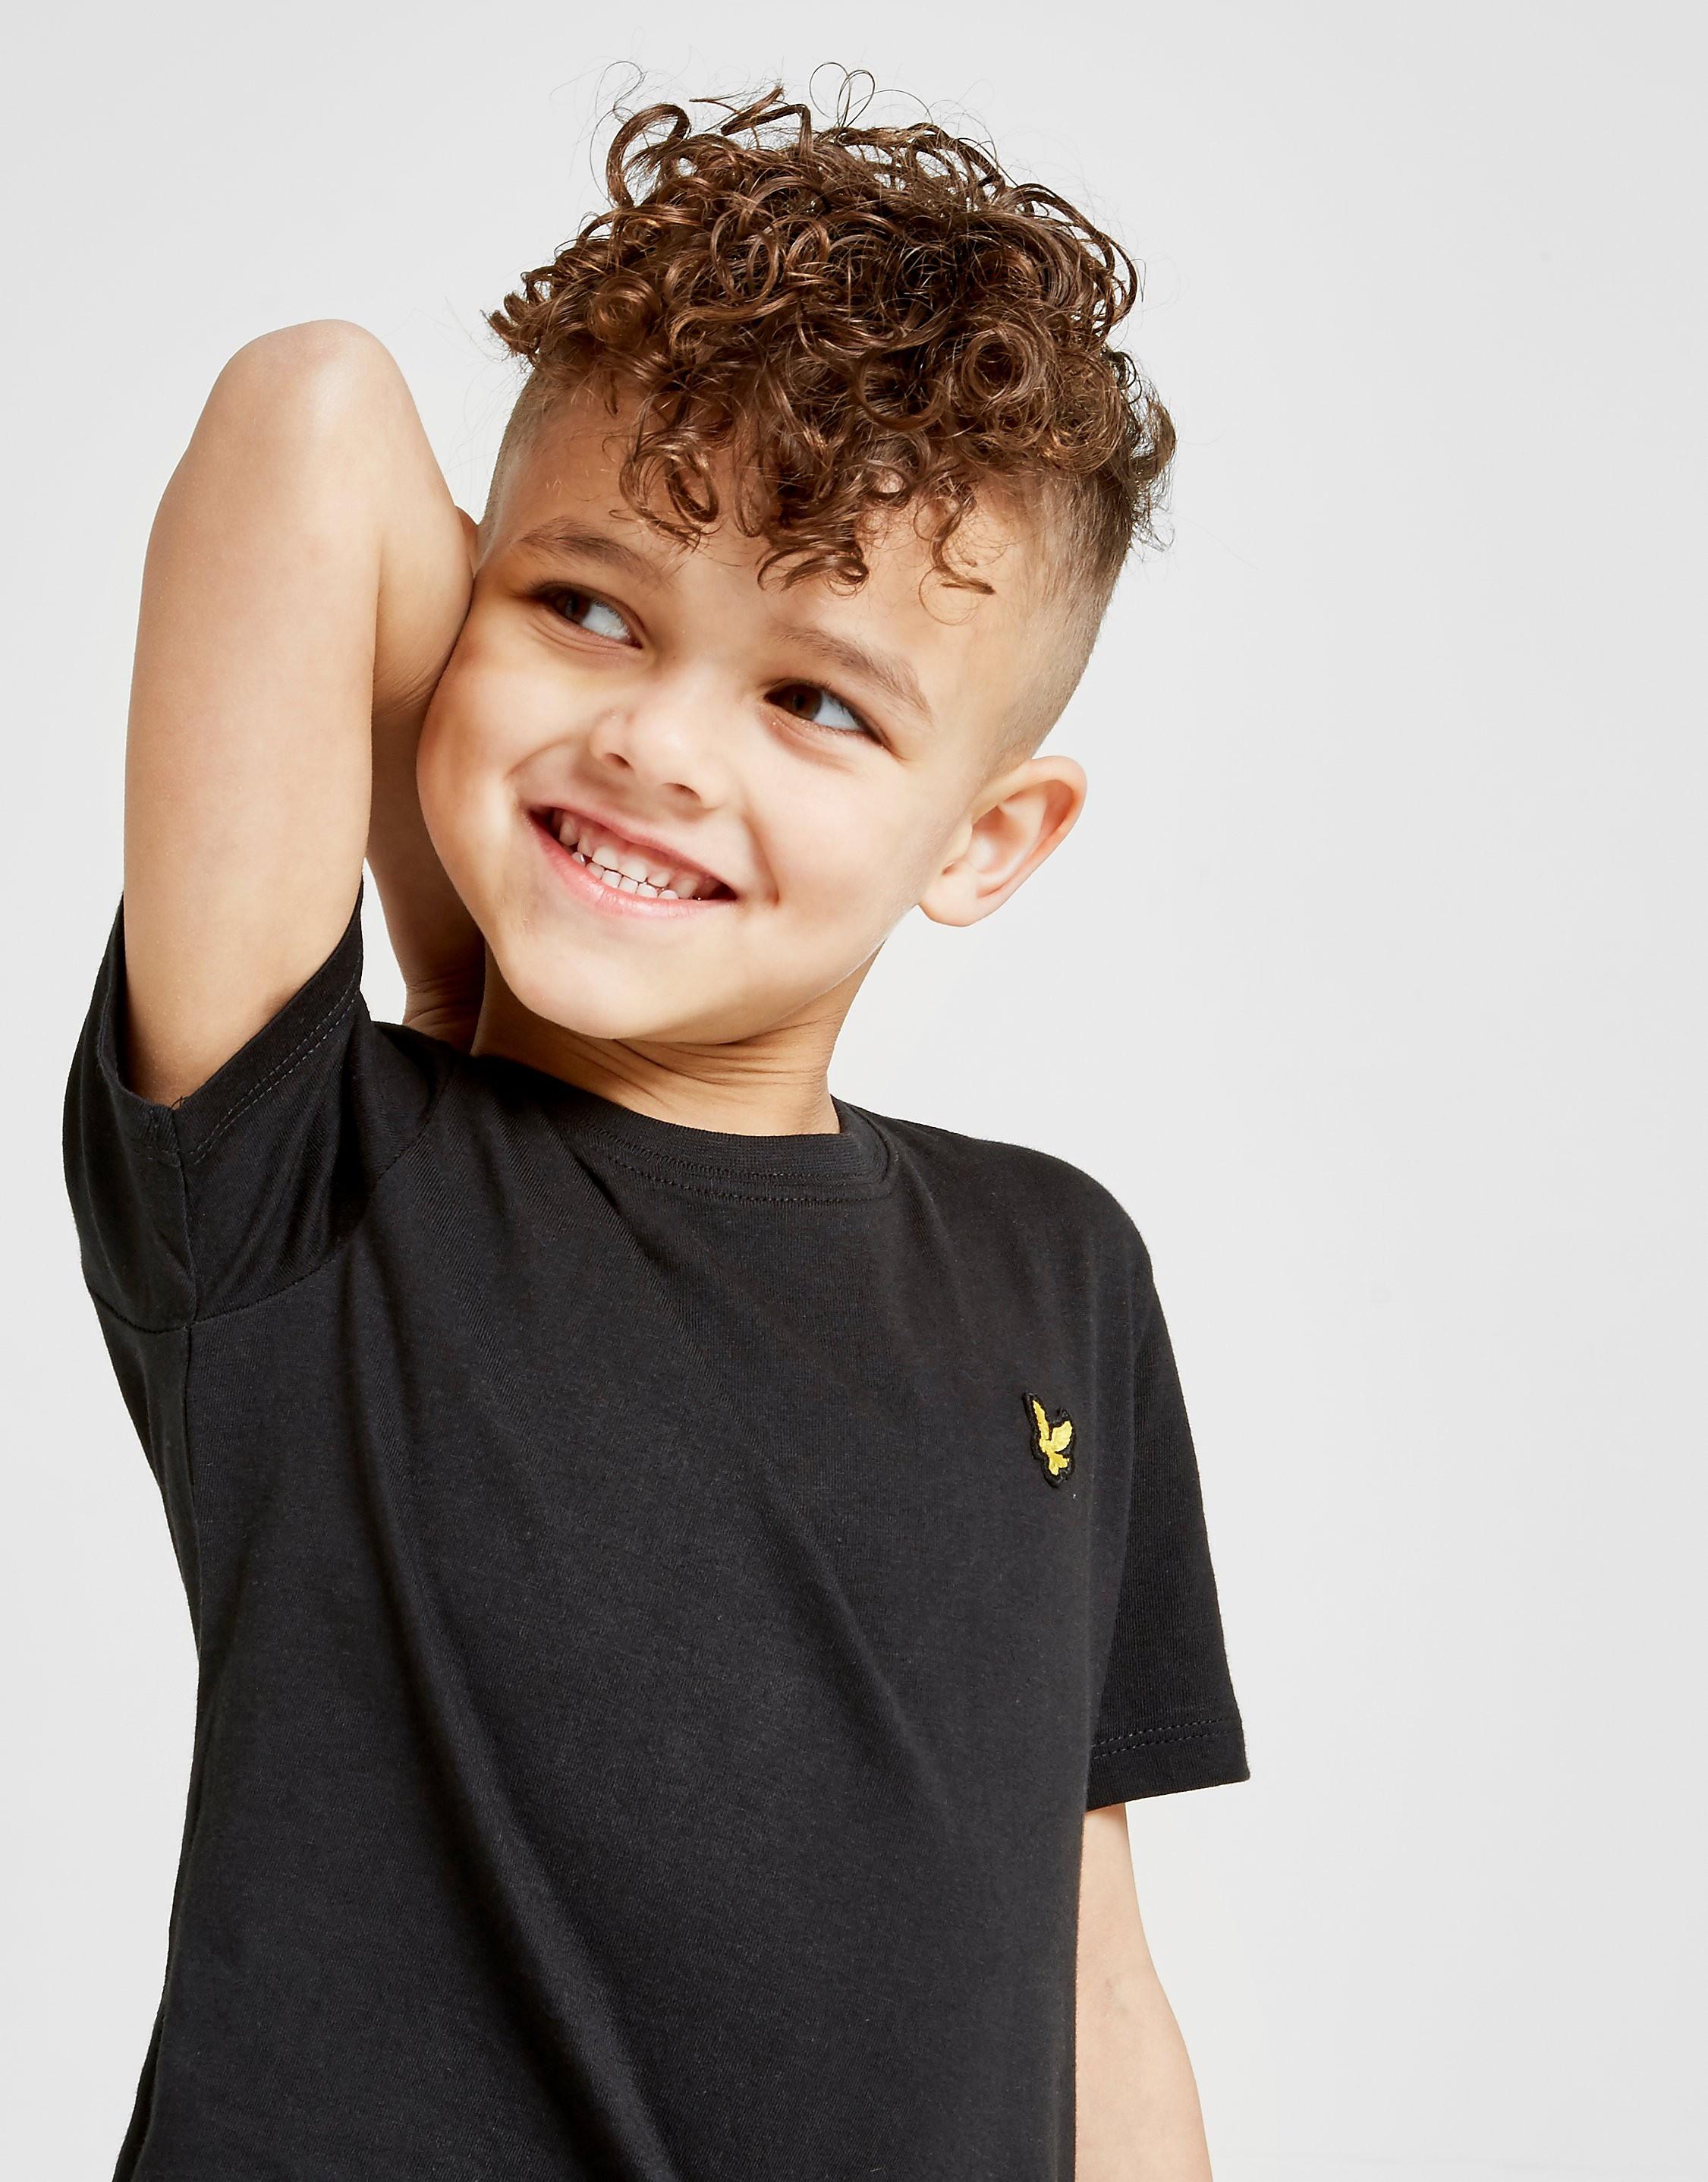 Lyle & Scott Small Logo T-Shirt Kinderen - Zwart - Kind